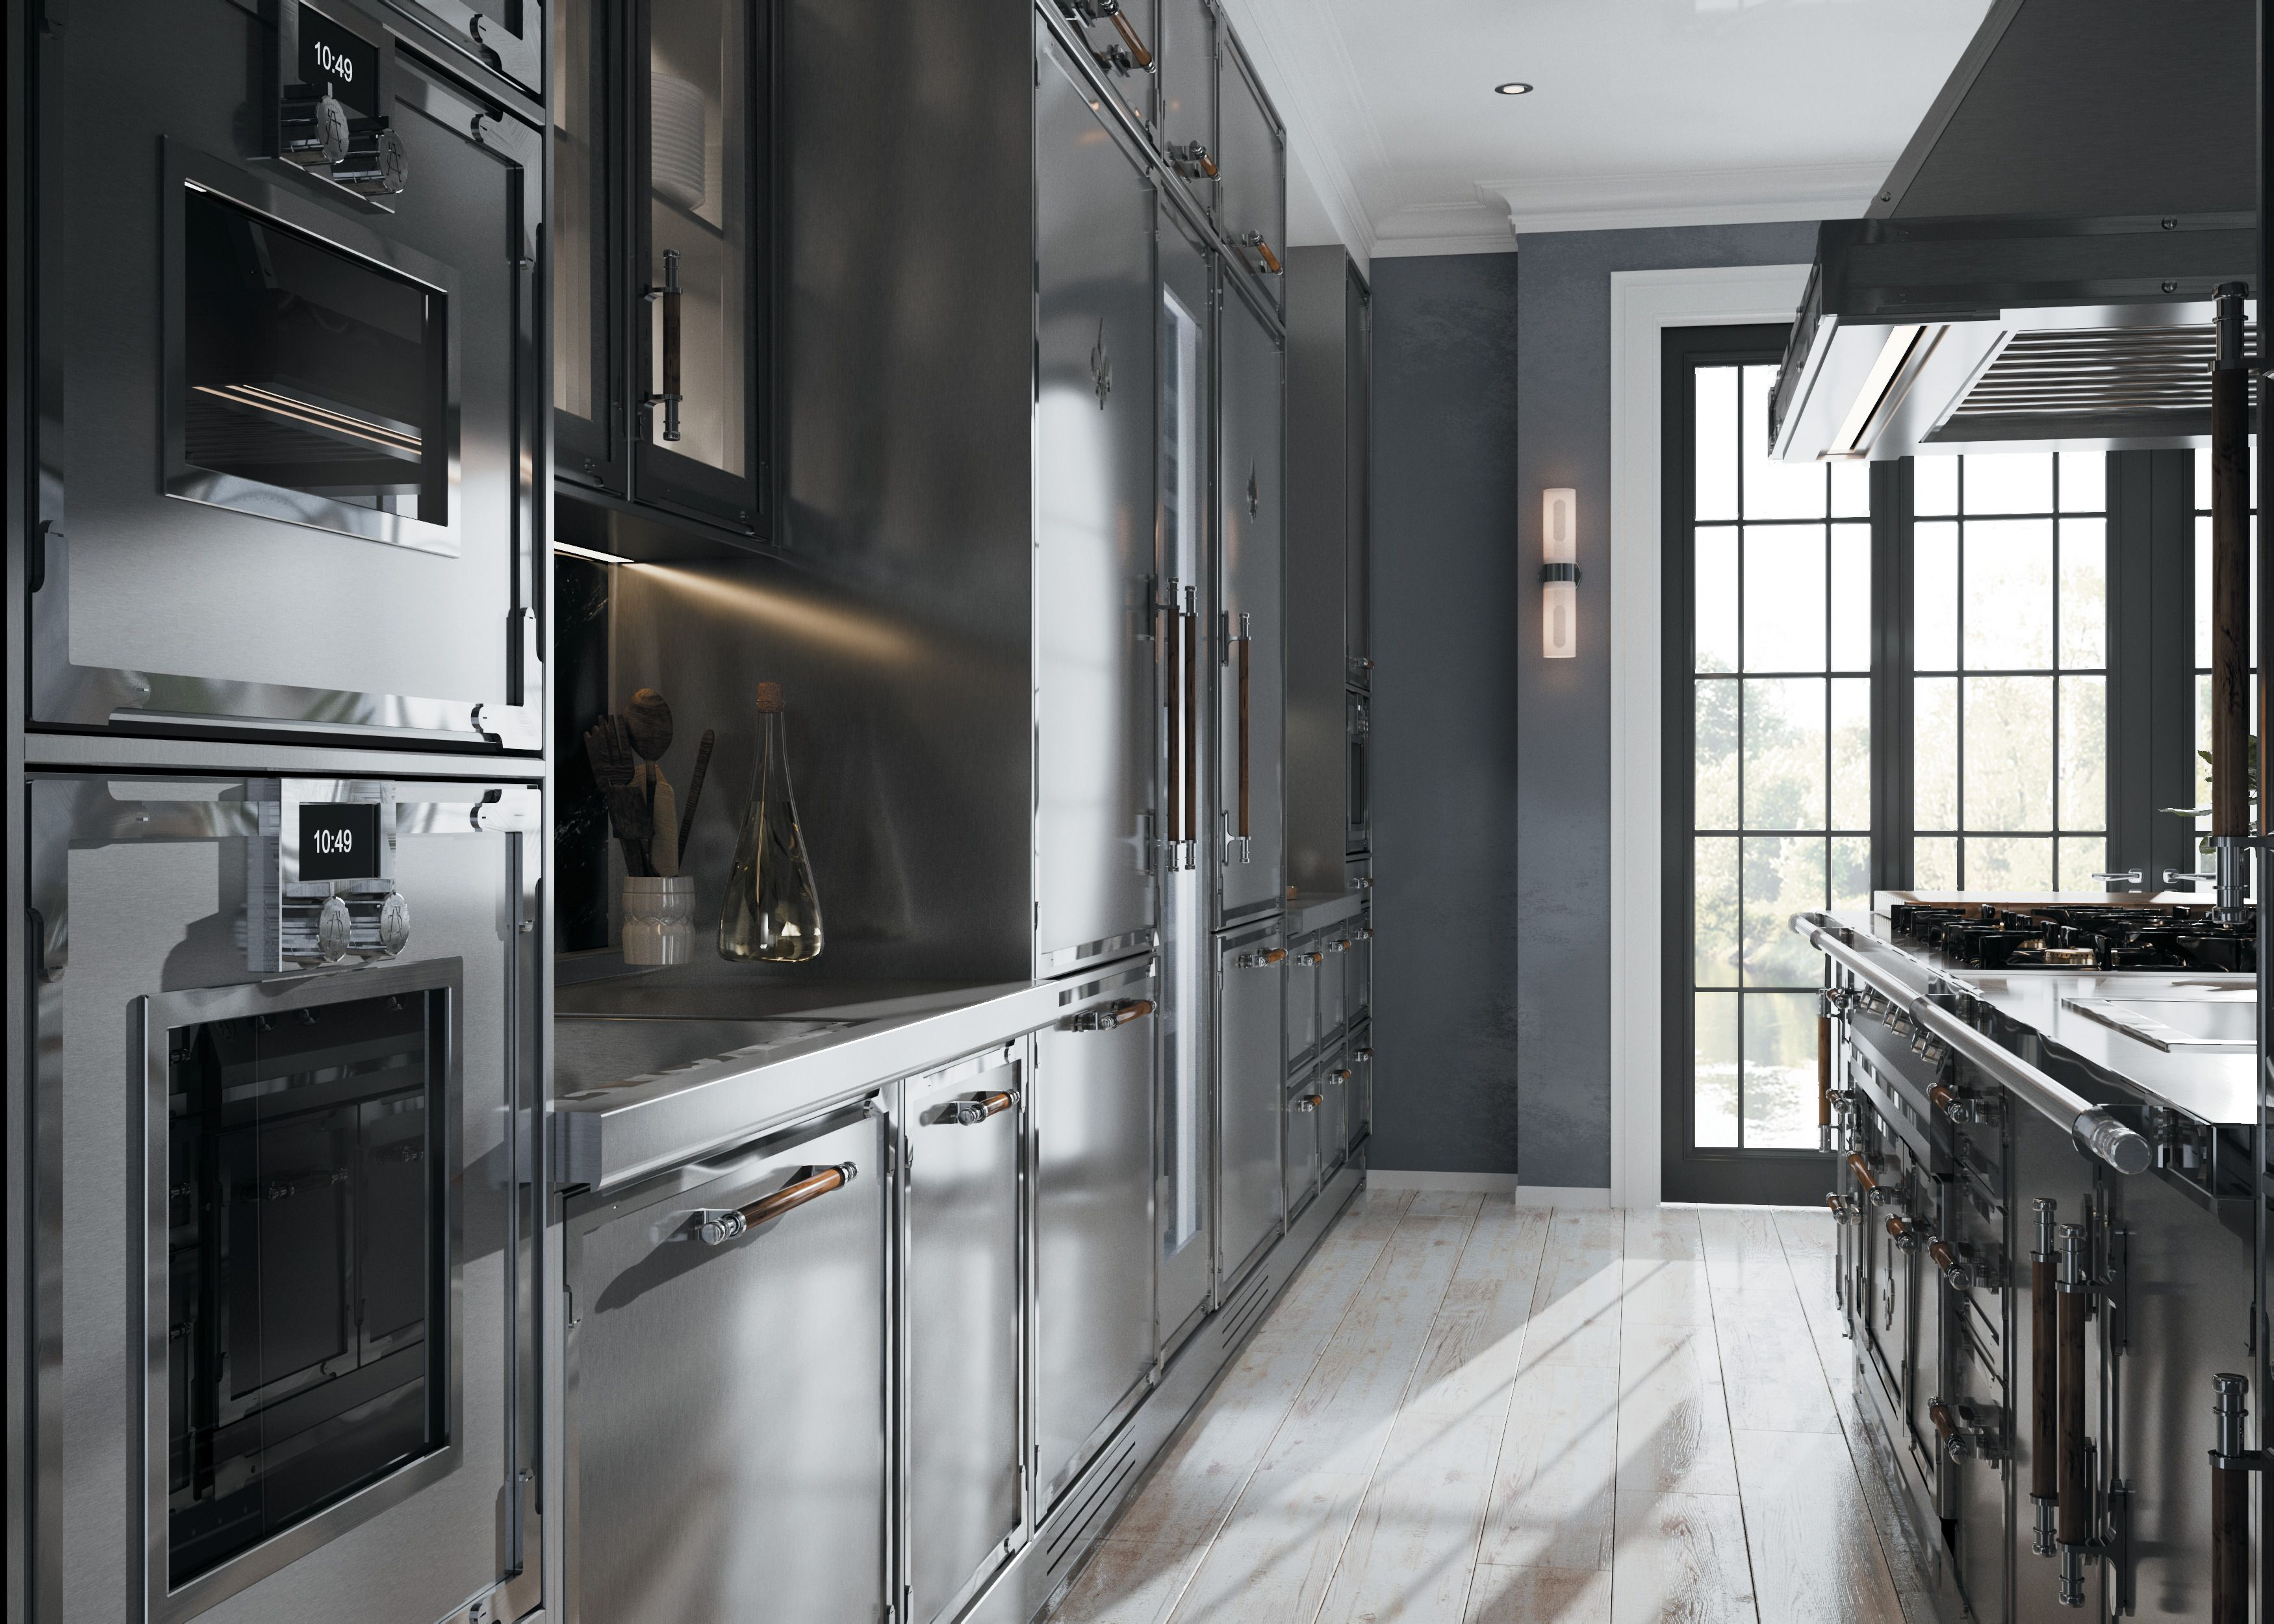 Custom Parisian Inspired Kitchens L Atelier Paris In 2020 Modern Metal Kitchen Kitchen Inspiration Design Metal Kitchen Cabinets